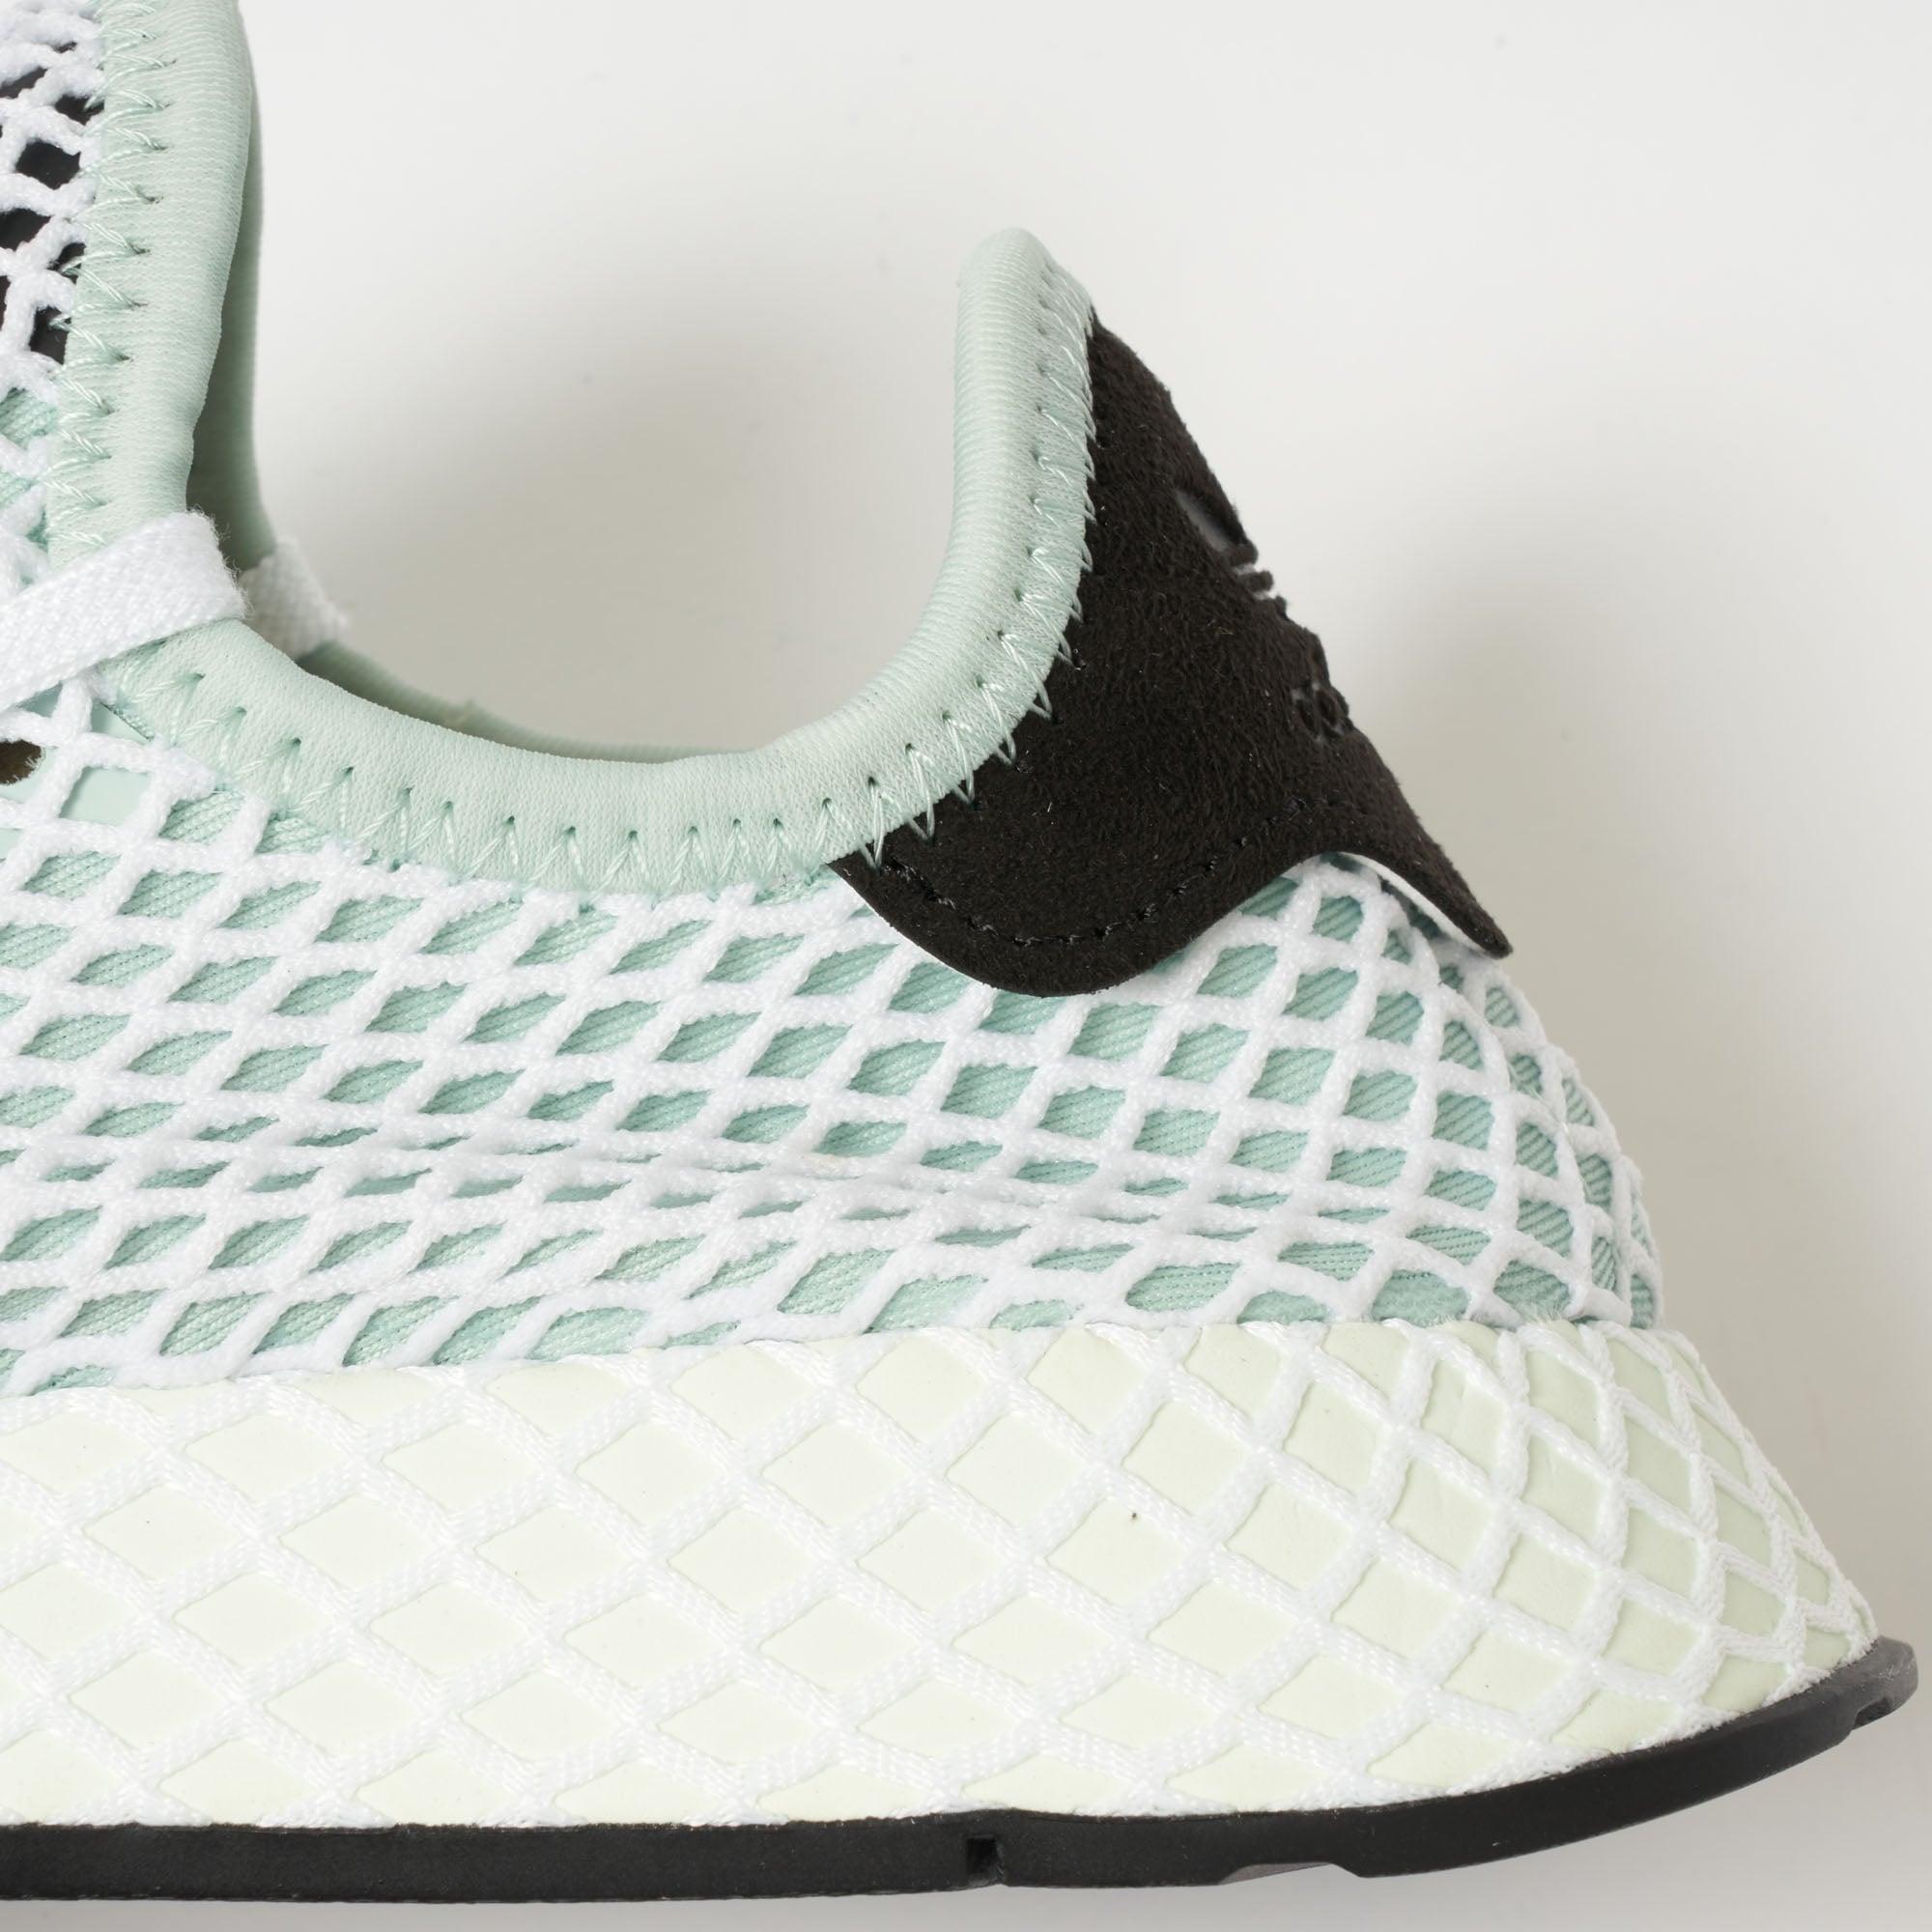 c4fd2b254a57 Adidas Womens Ash Green Deerupt Runner CQ2911